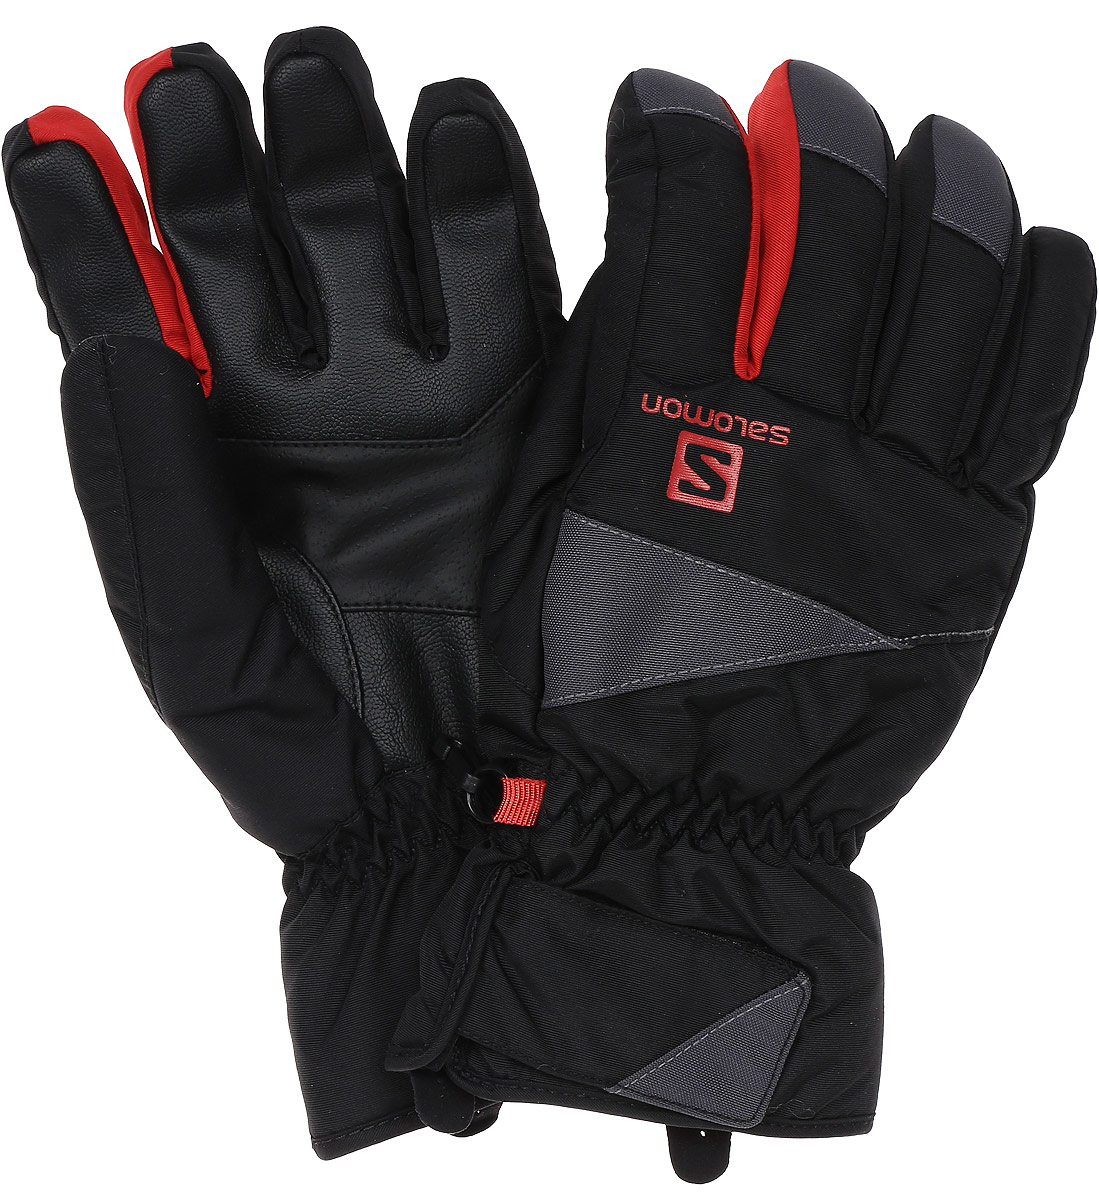 Перчатки мужские Salomon Gloves Force M, цвет: черный, серый. L39500200. Размер XL (9,5)L39500200Мужские перчатки Gloves Force обеспечивают тепло, комфорт и стильный вид по доступной цене. Укороченные манжеты отлично согревают запястья.